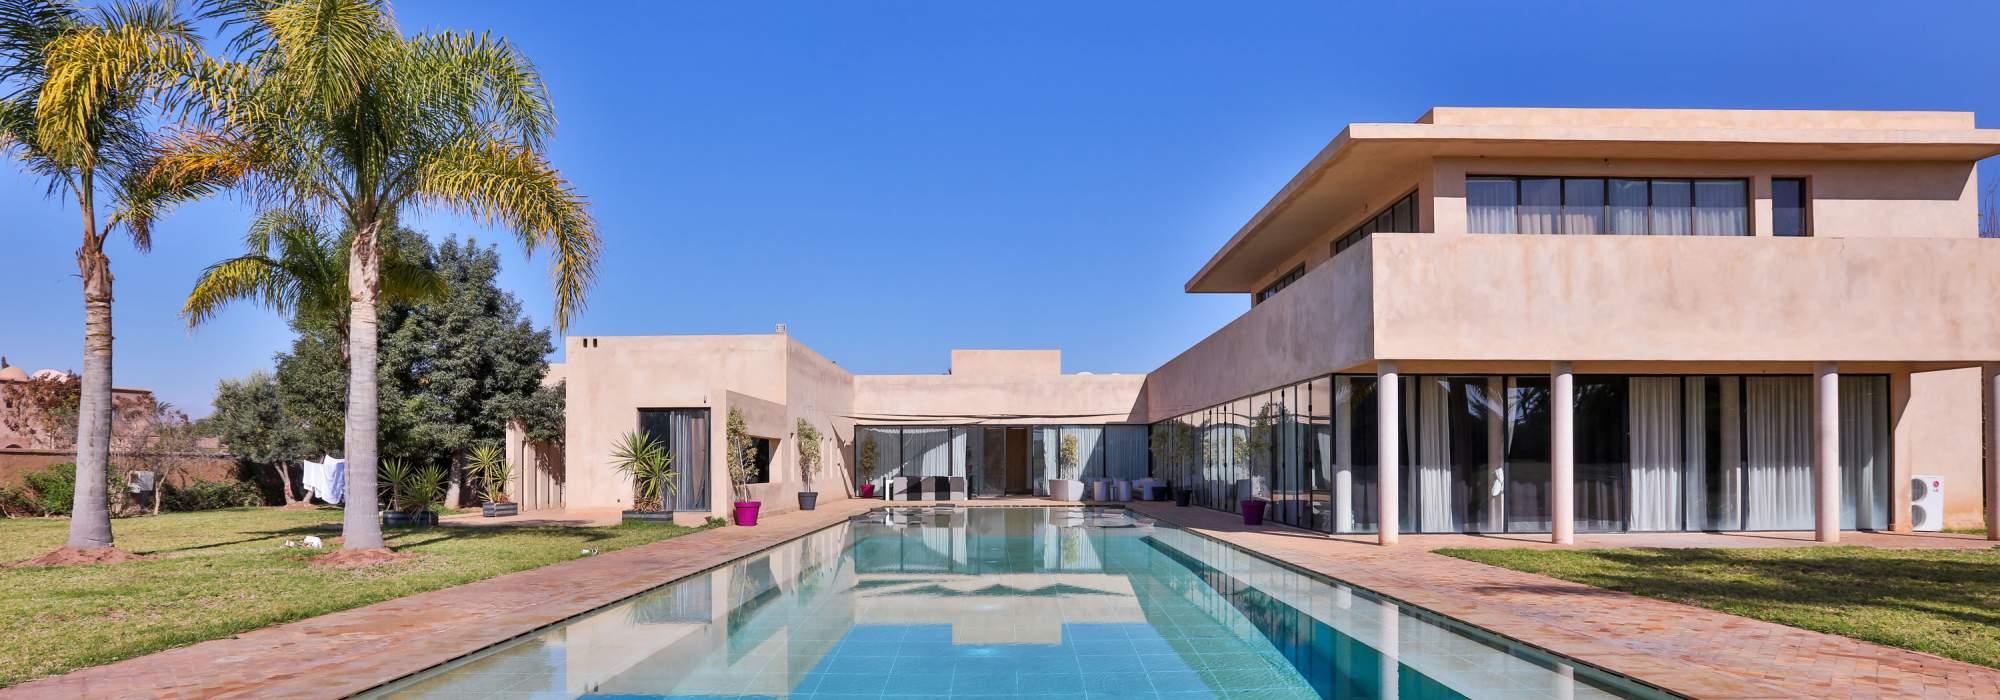 villa de luxe contemporaine à vendre